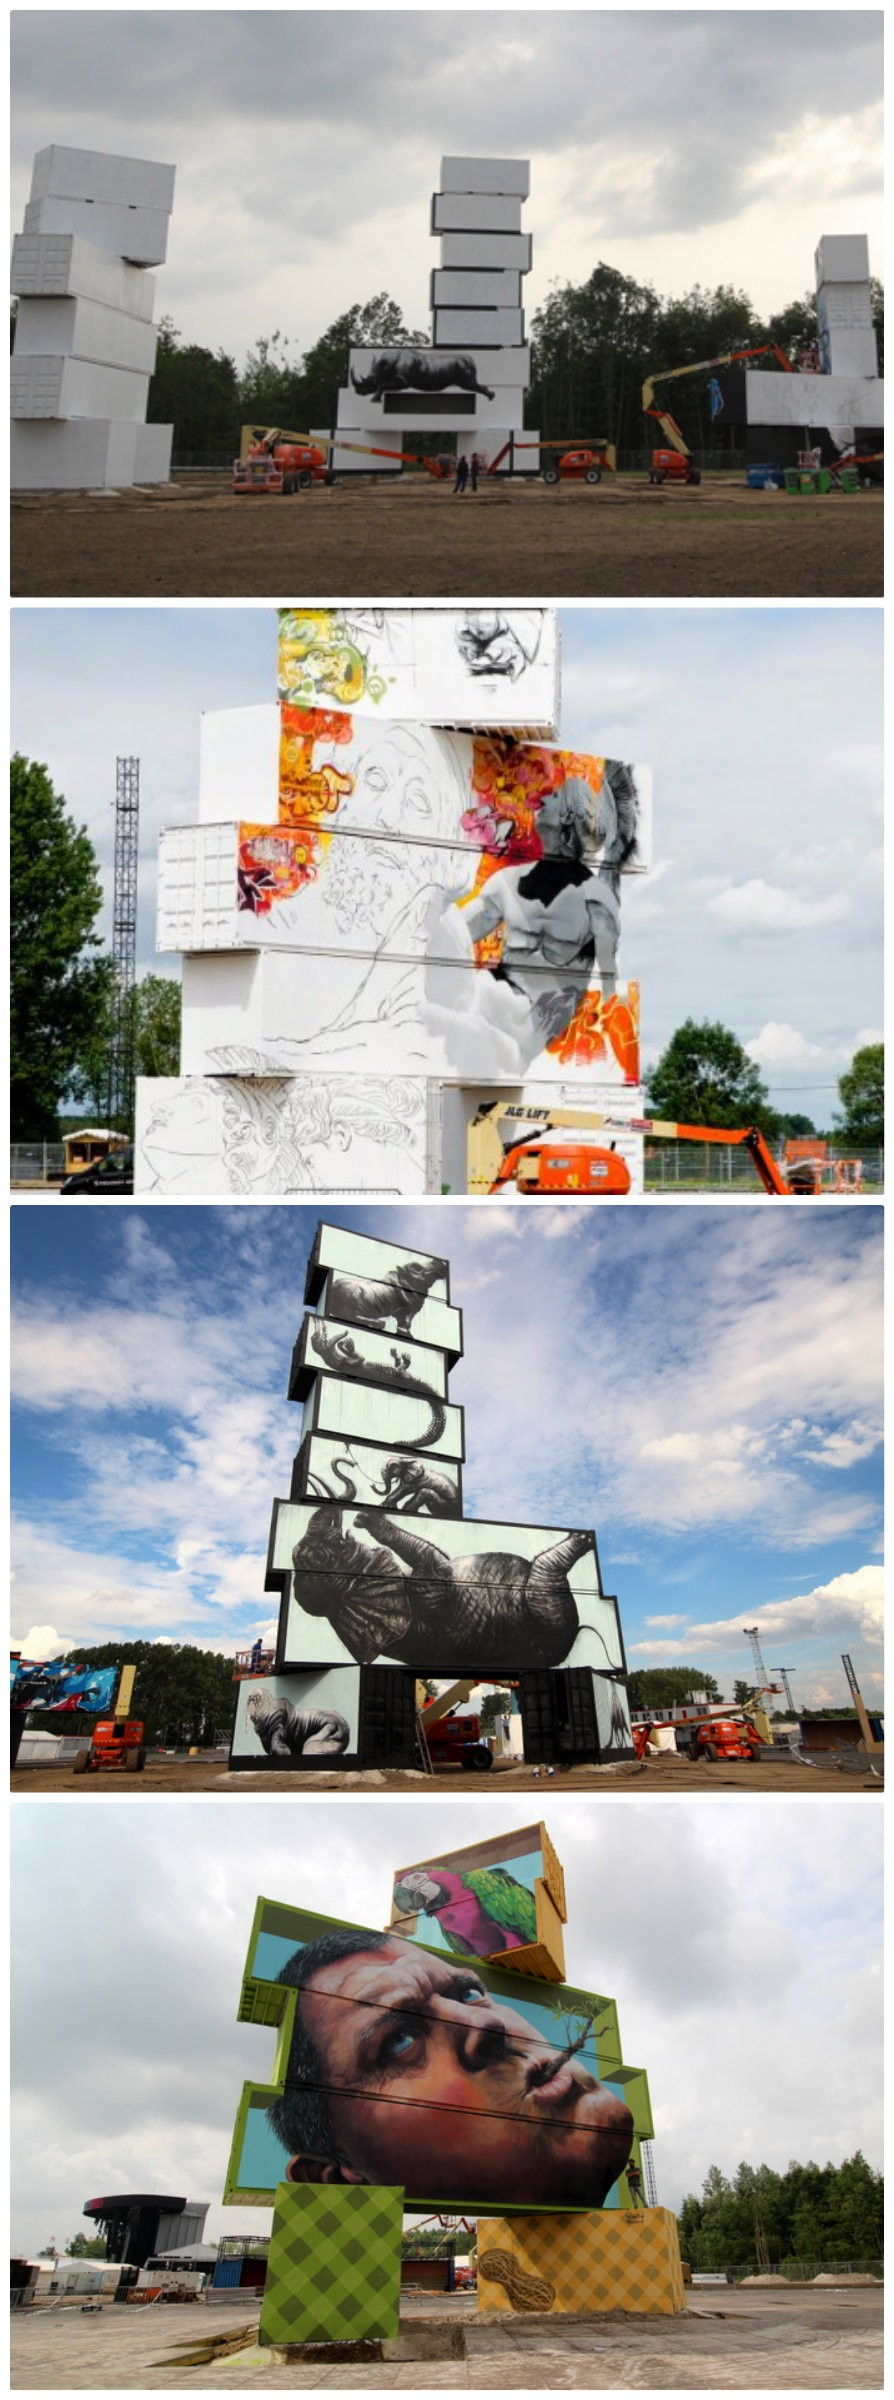 18. 貨櫃畫布:比利時(Belgium)